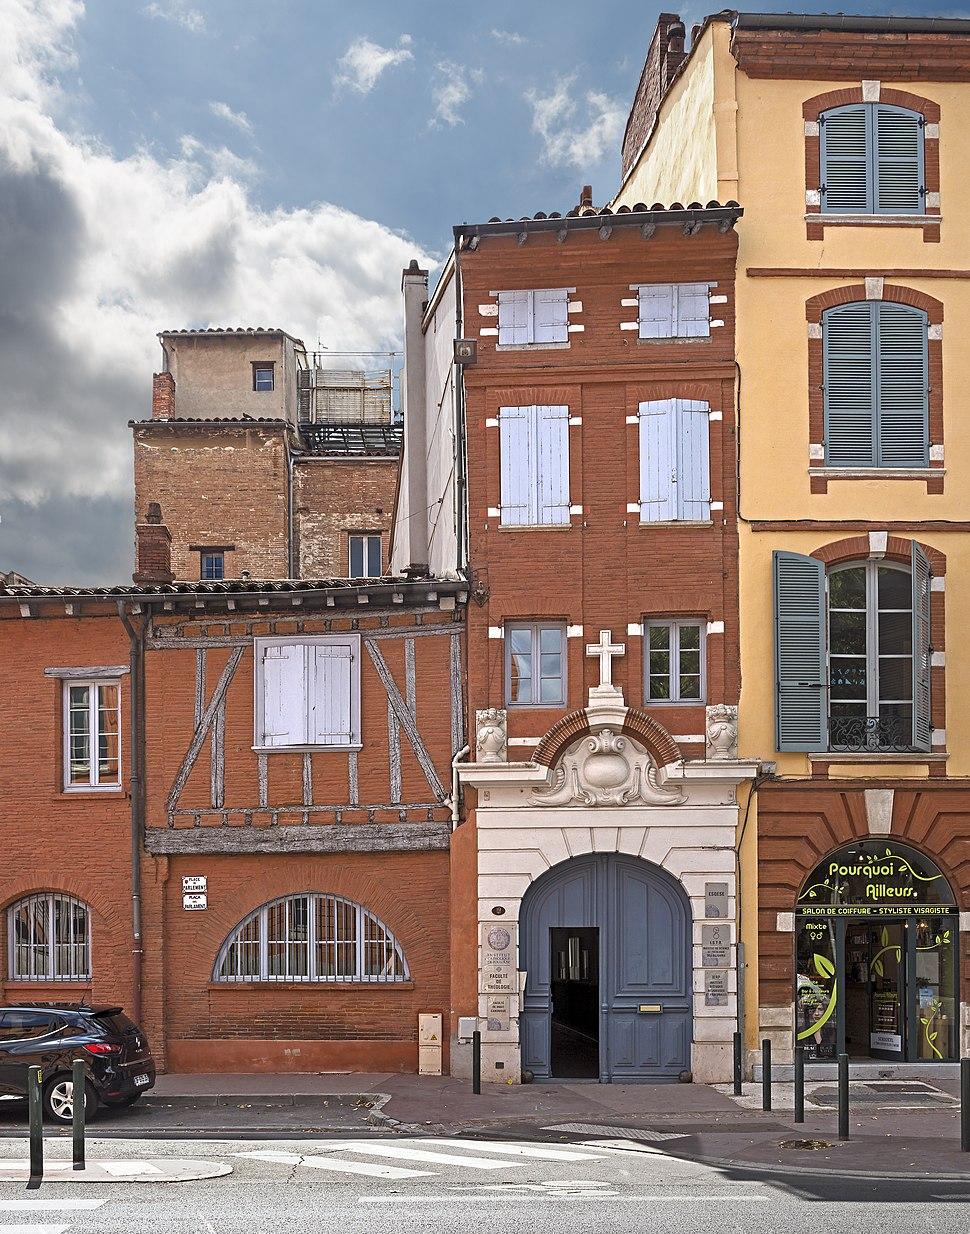 7, 8 place du Parlement Chapelle, Toulouse